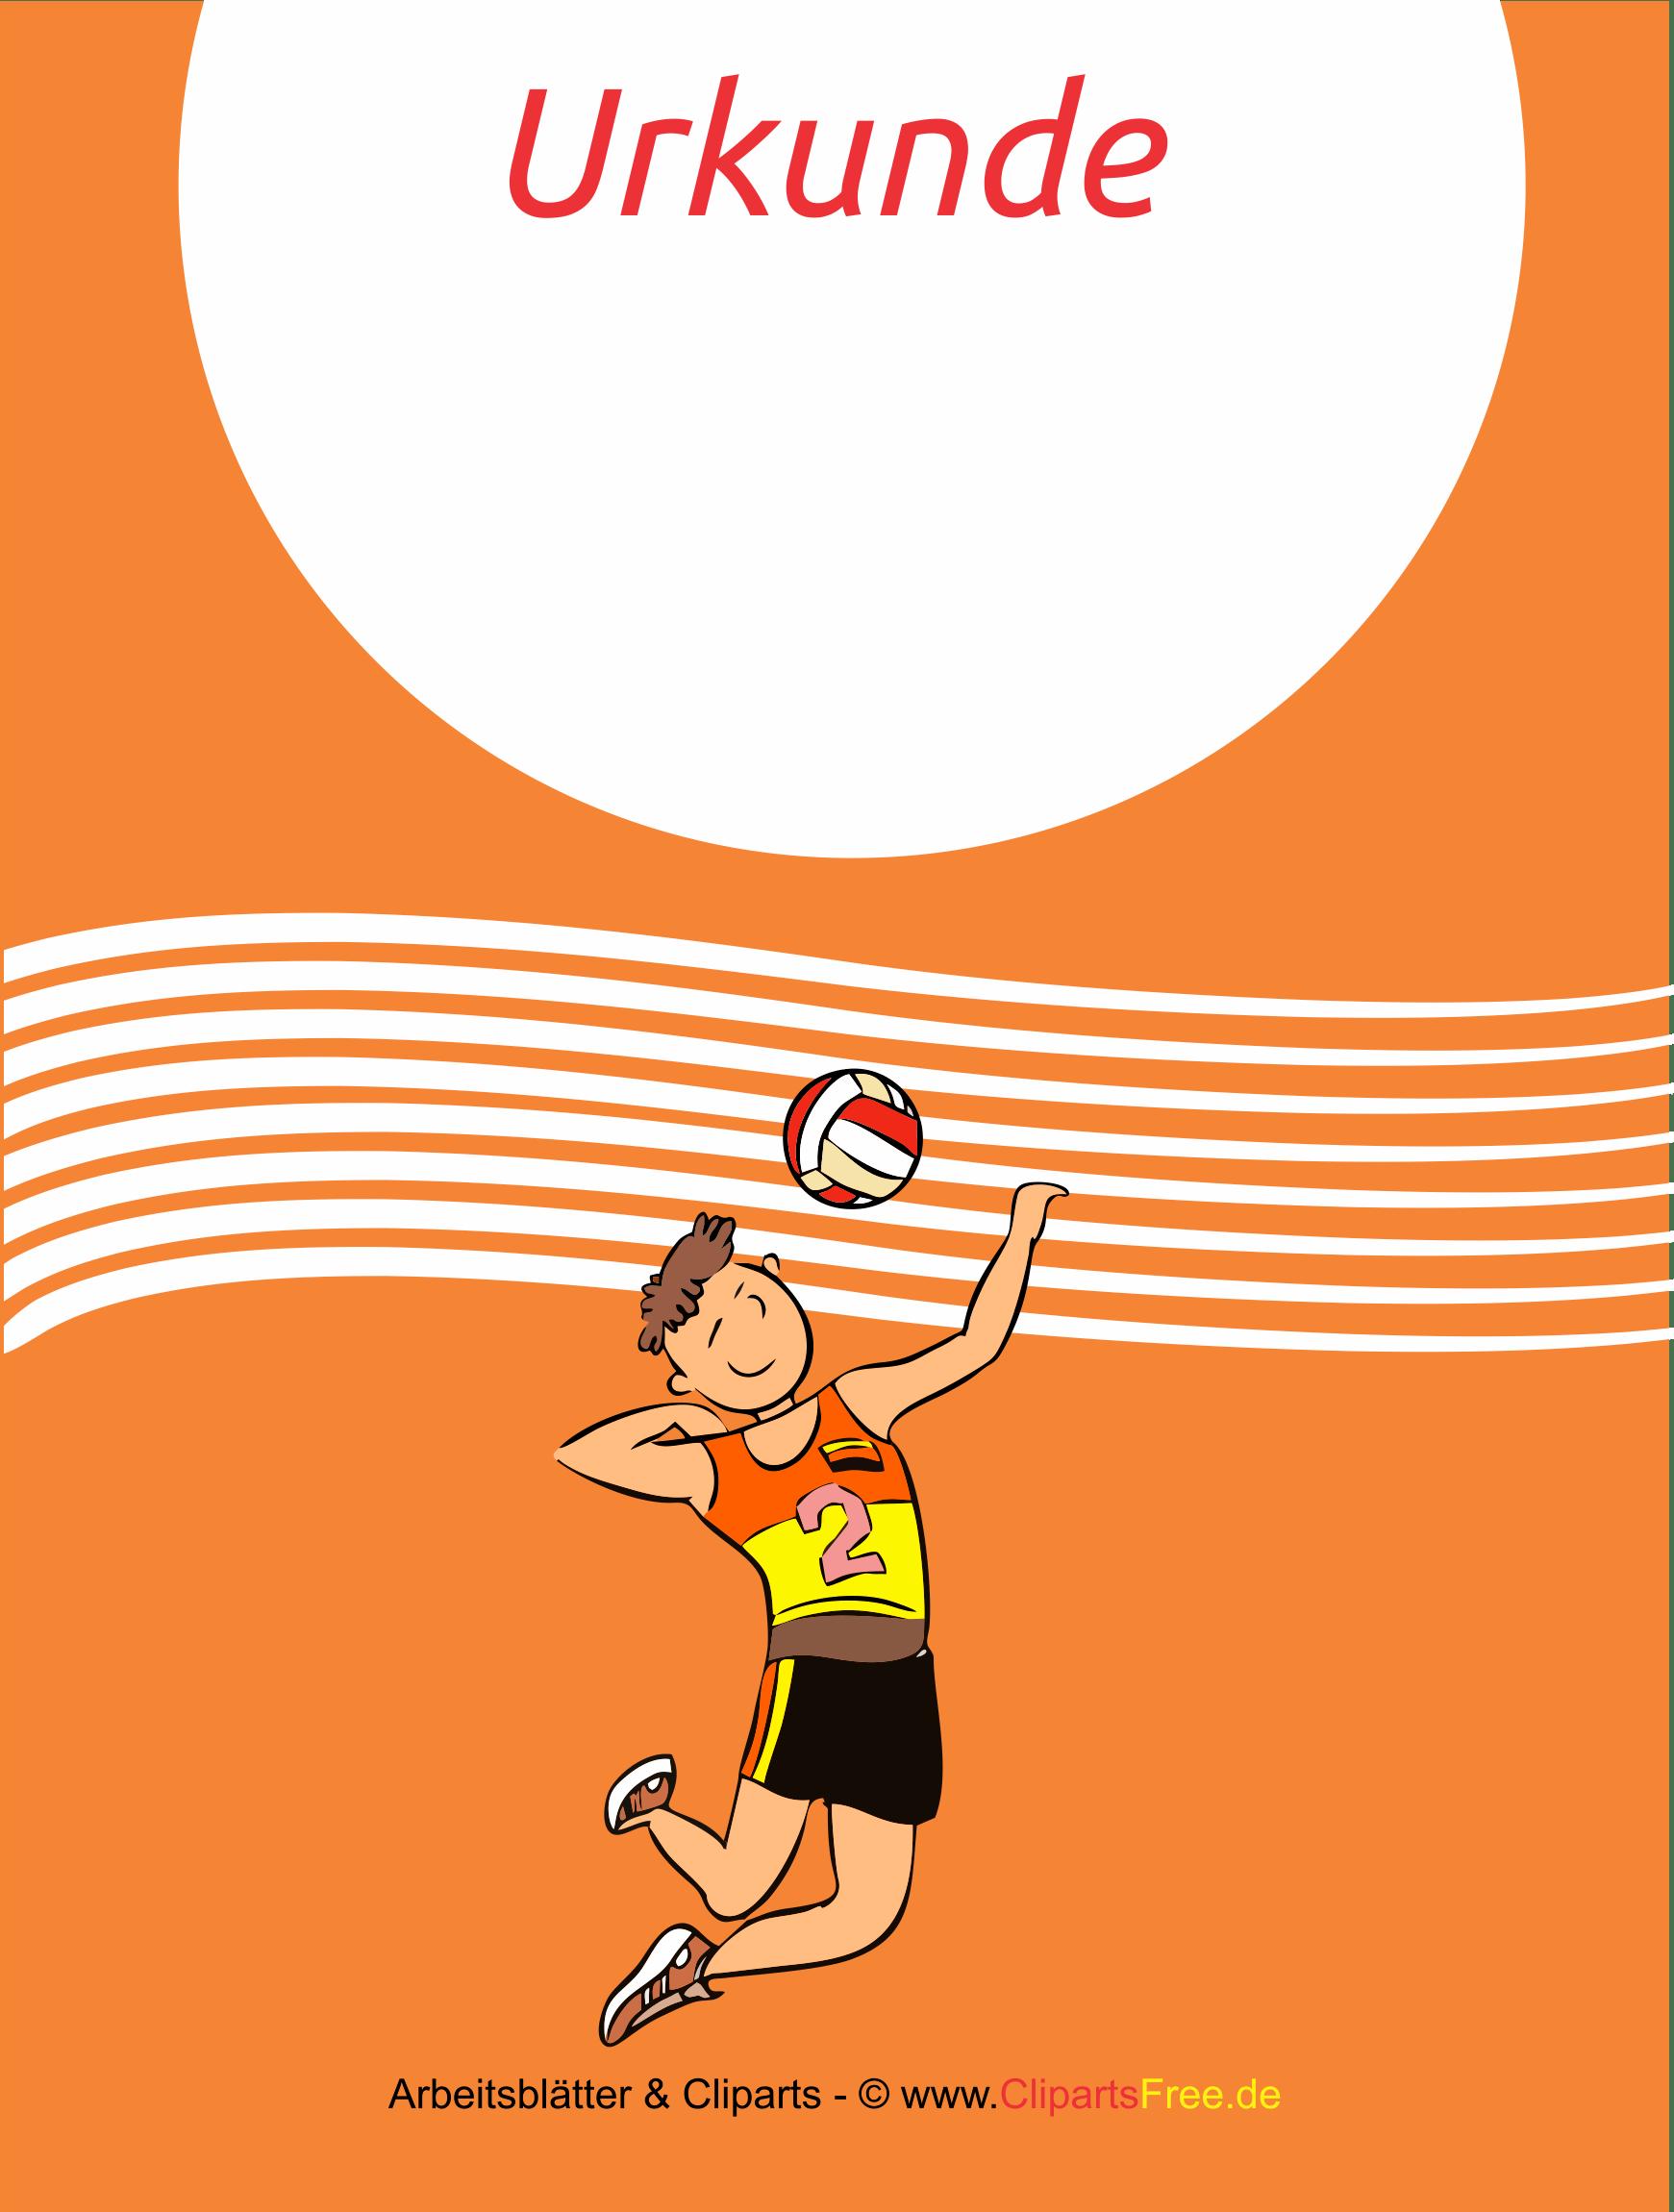 Urkunde Volleyball kostenlos zum Drucken